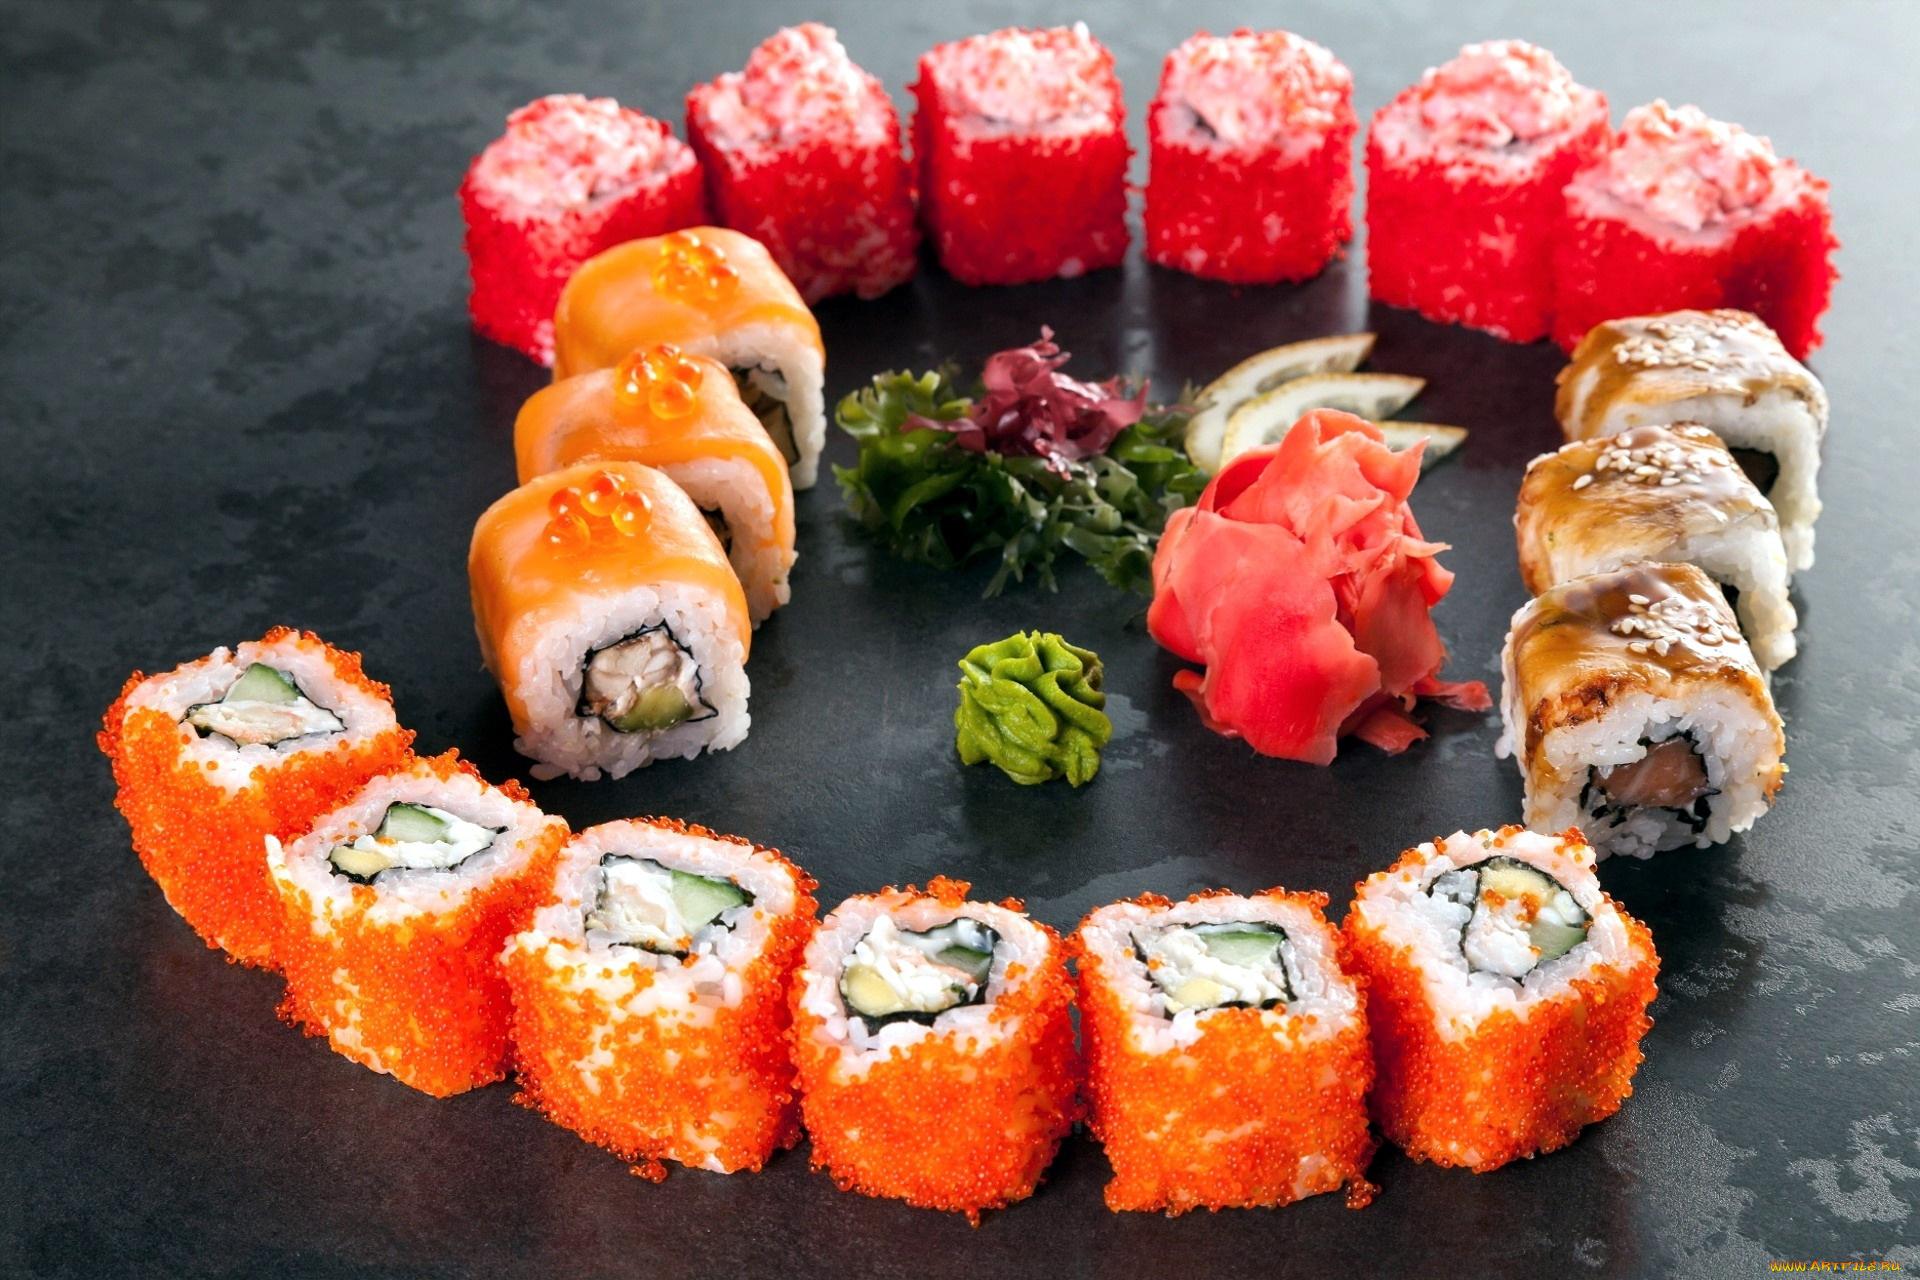 еда суши роллы вассаби япония загрузить